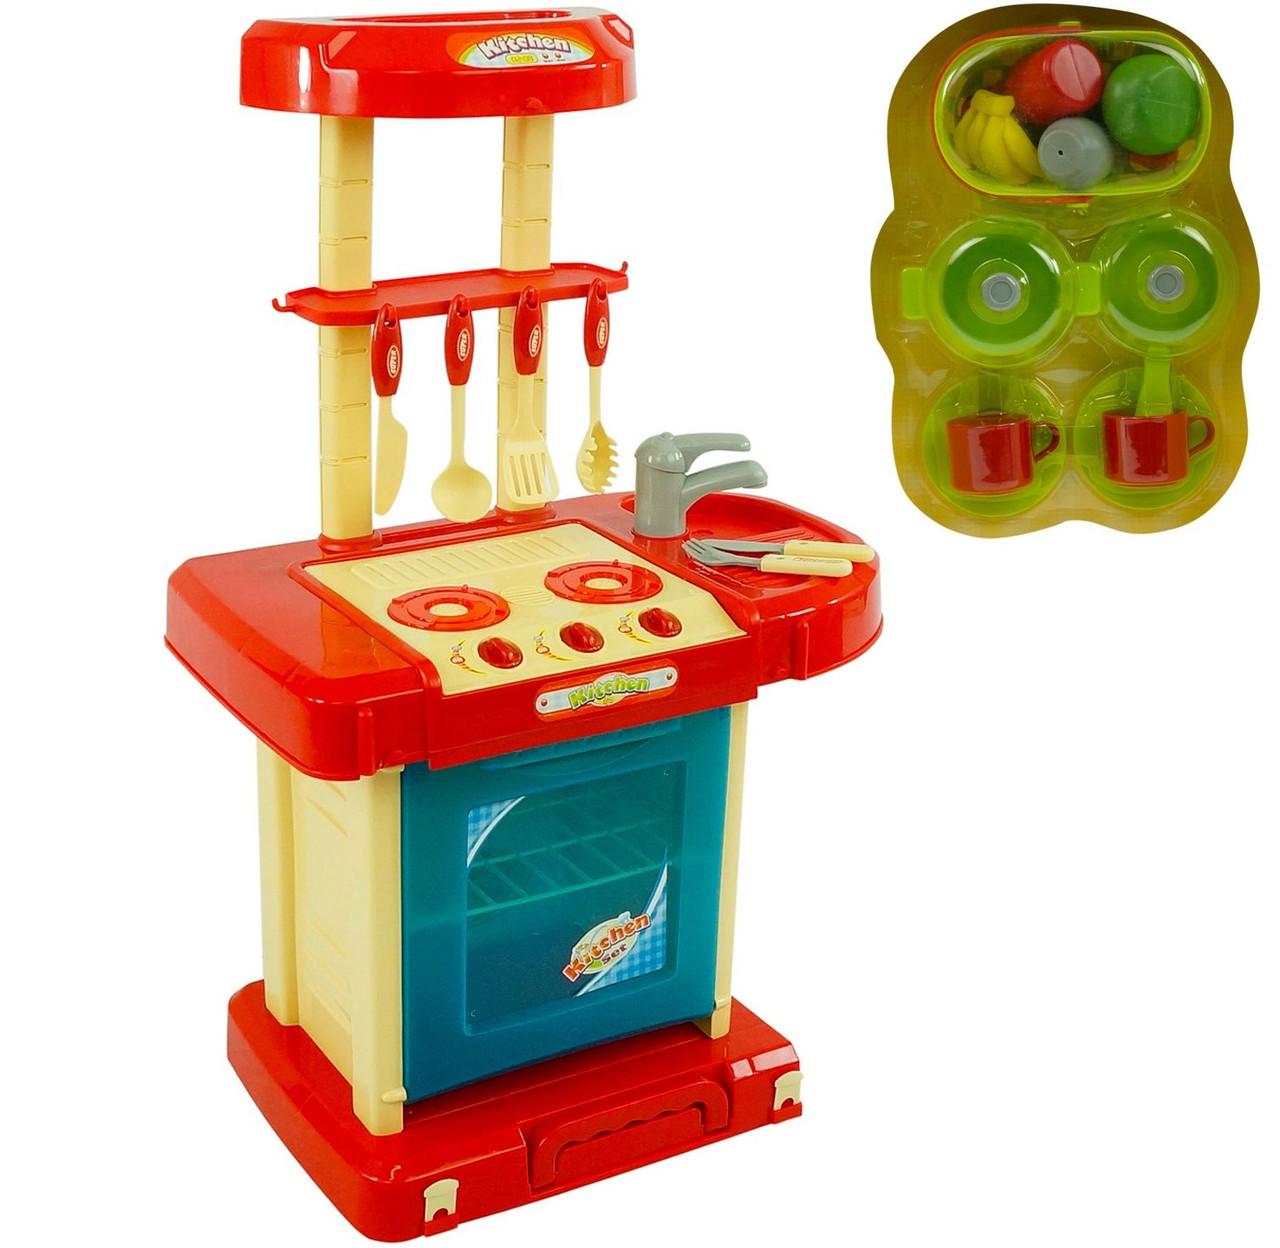 Детская игровая кухня 008-56 А, фото 1